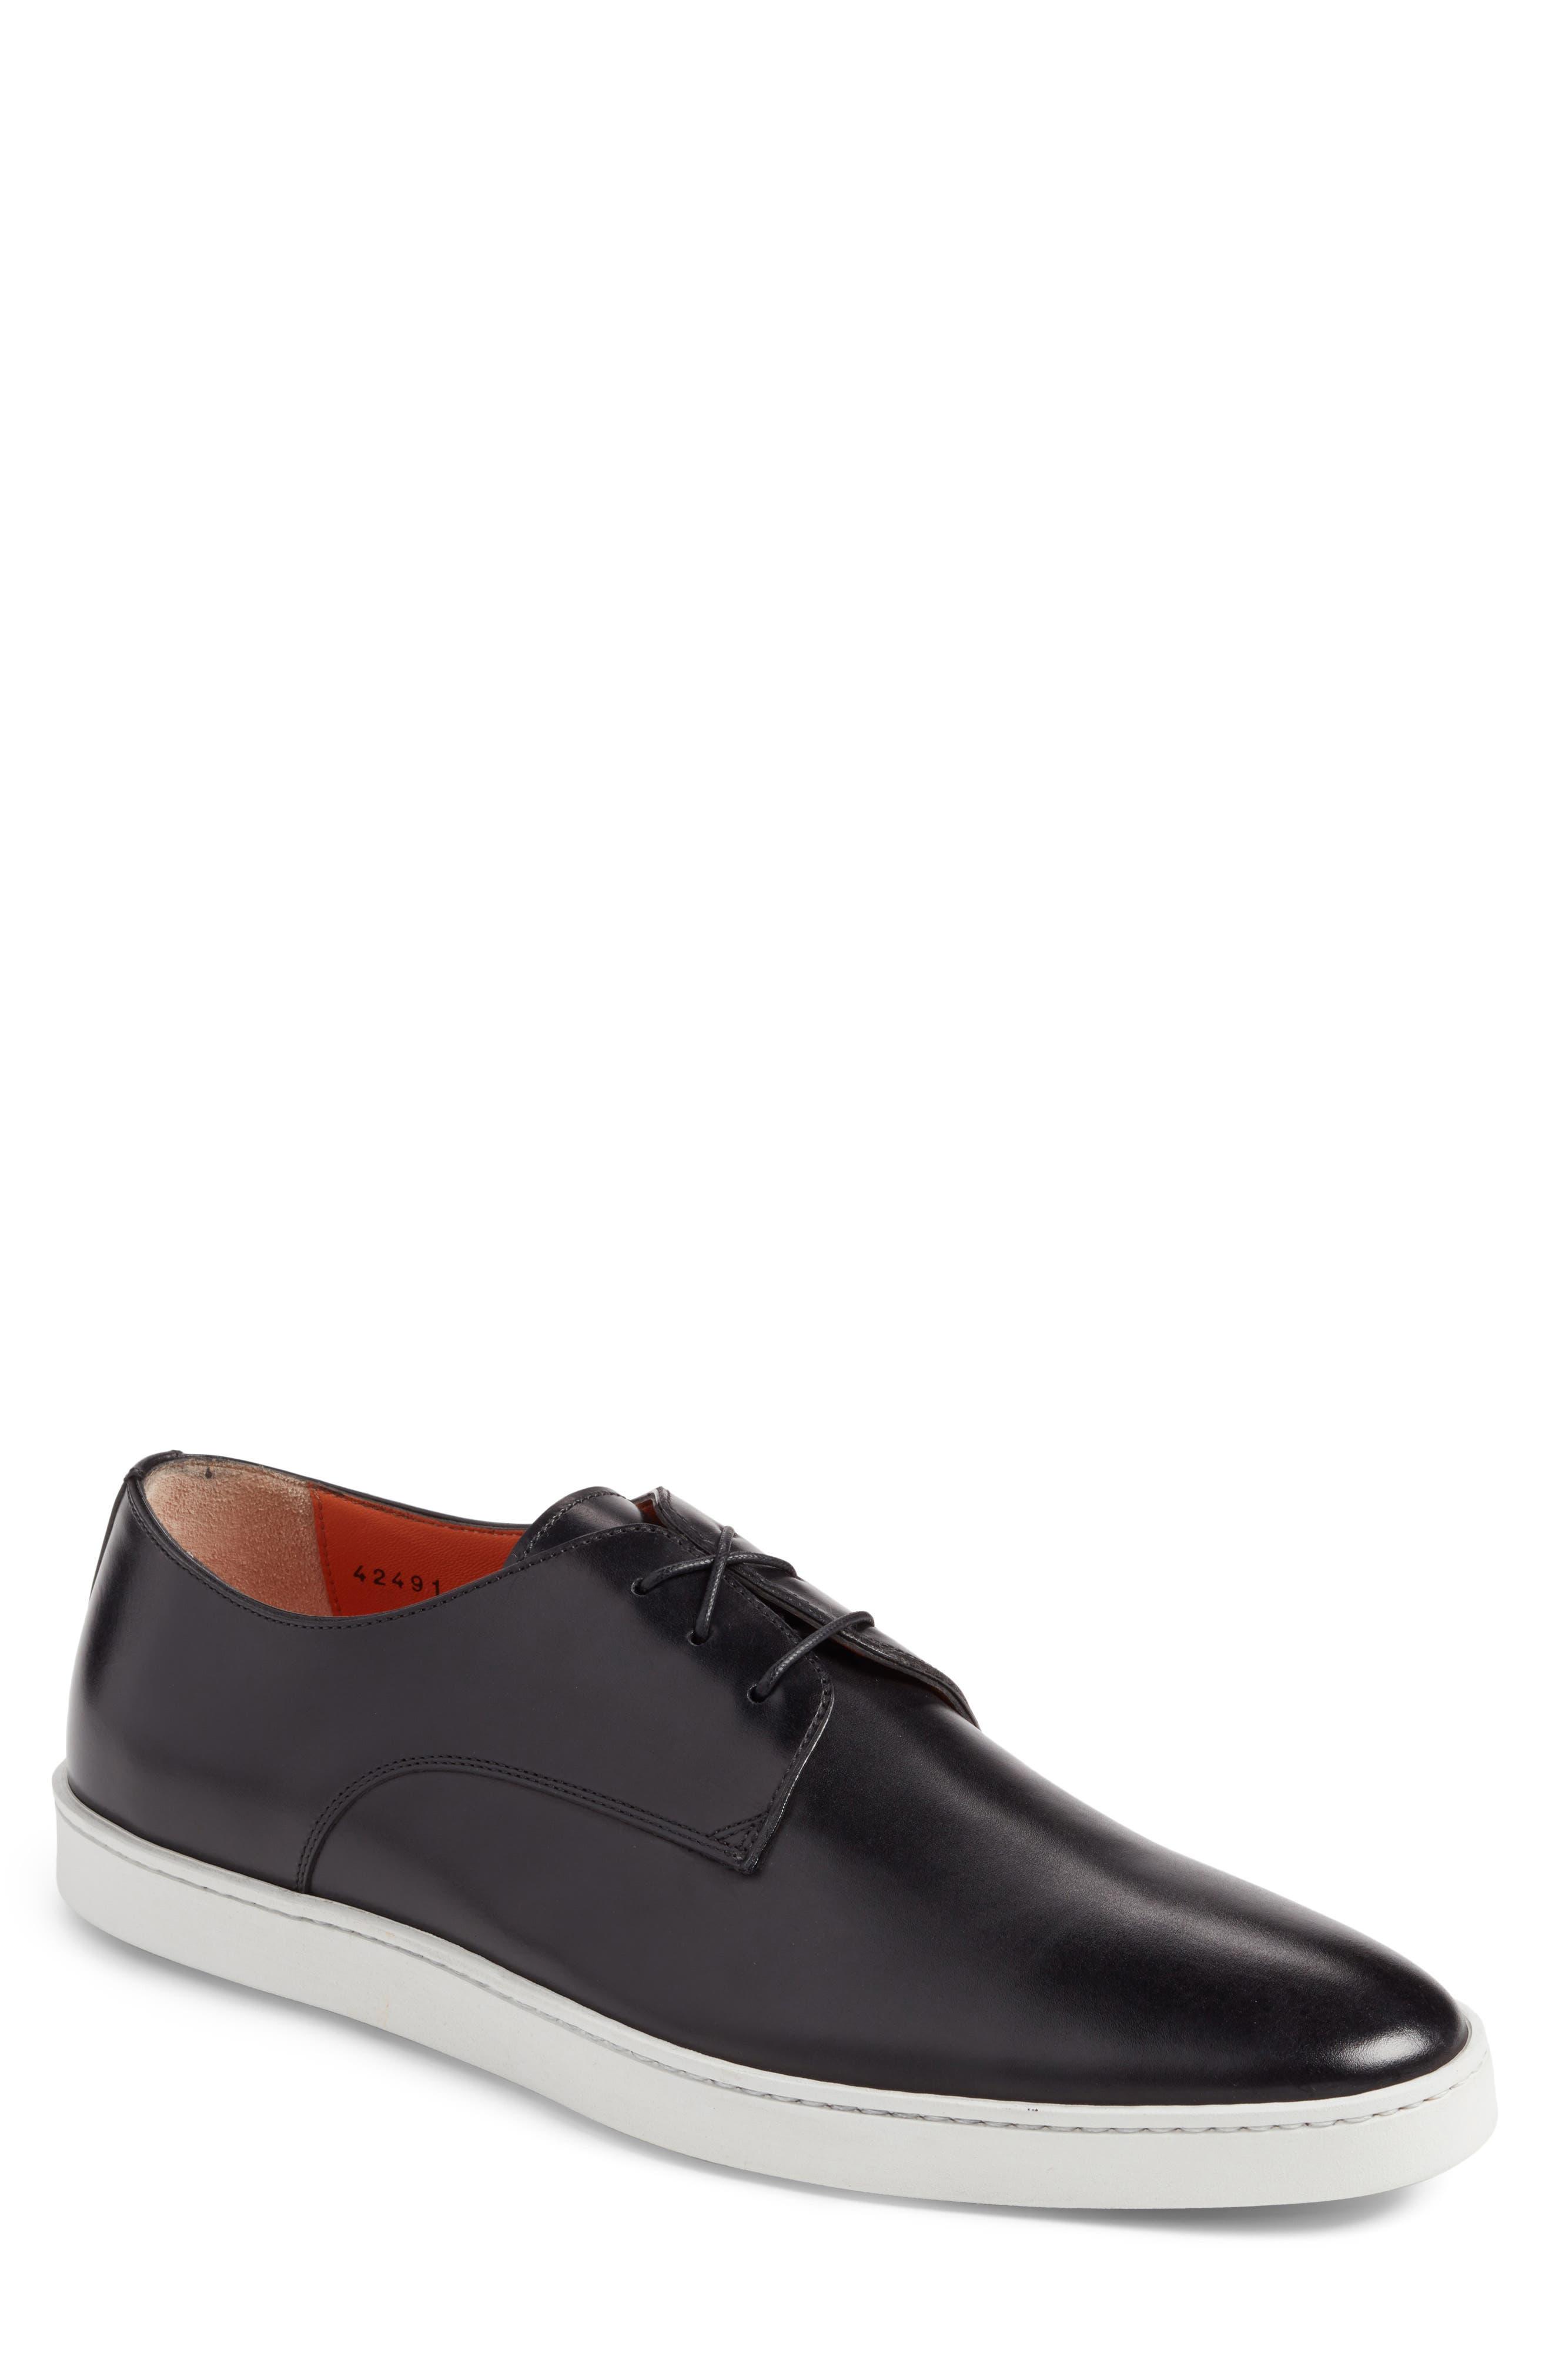 SANTONI, Doyle Sneaker, Main thumbnail 1, color, BLACK LEATHER